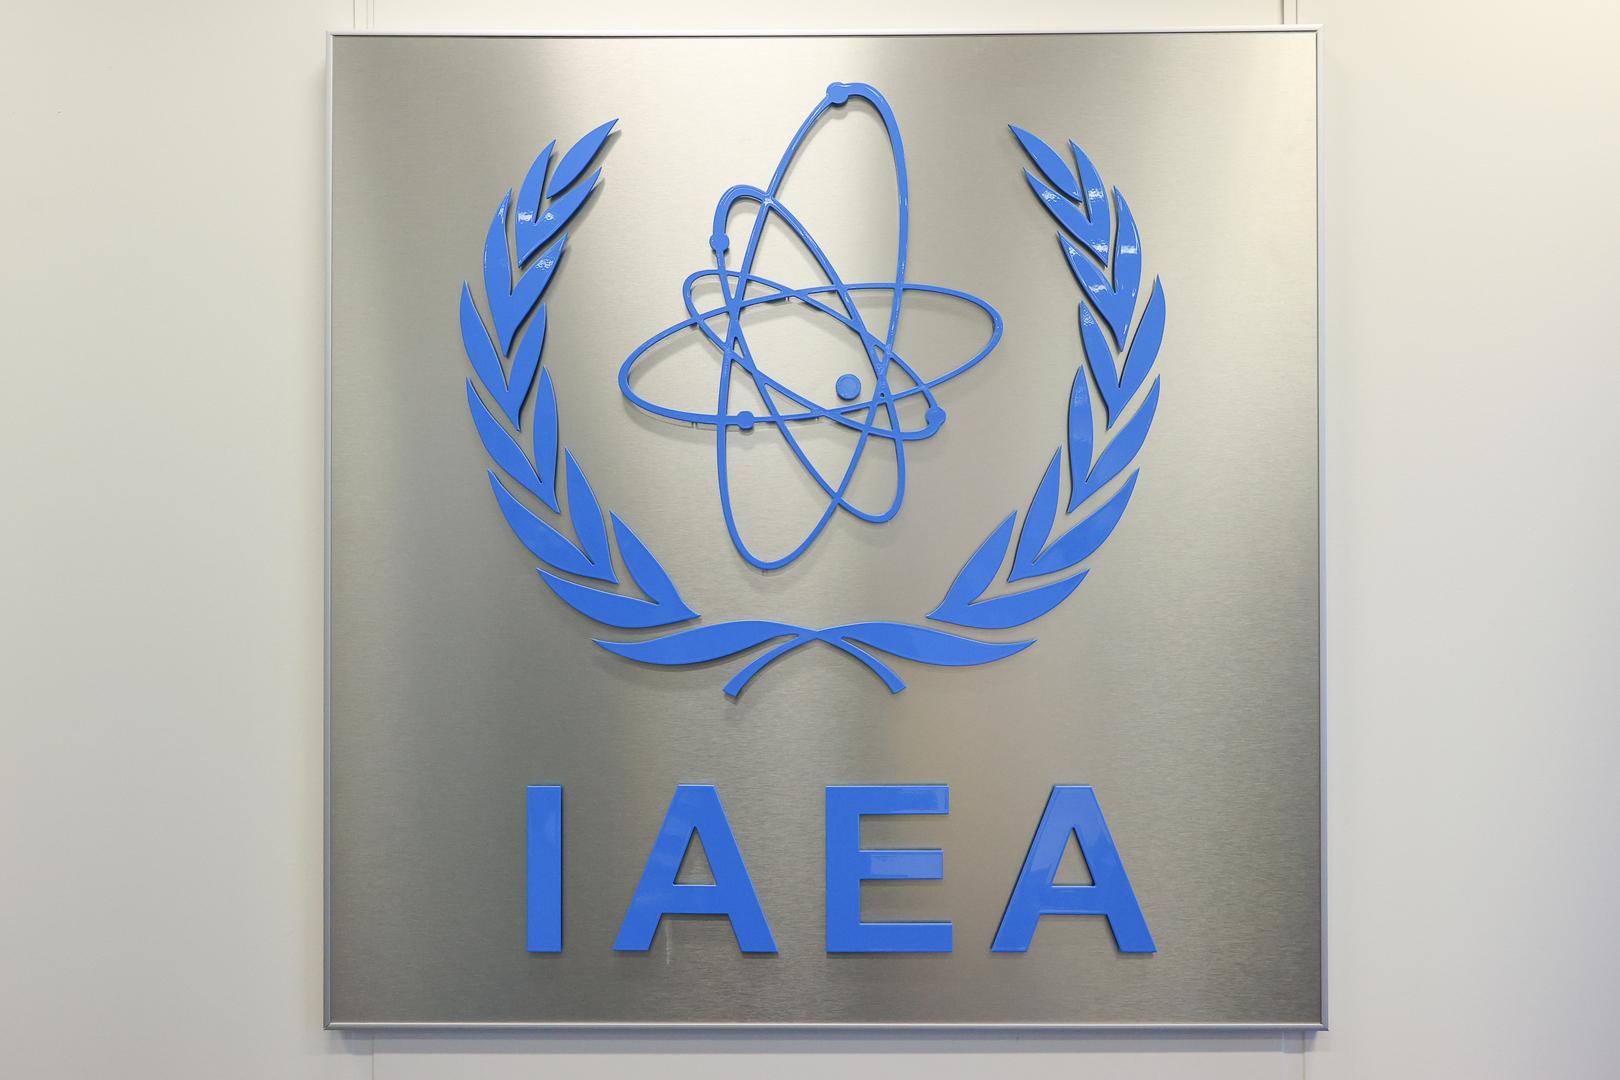 وكالة الطاقة الذرية: إيران تتقاعس عن الوفاء التام باتفاق أجهزة المراقبة